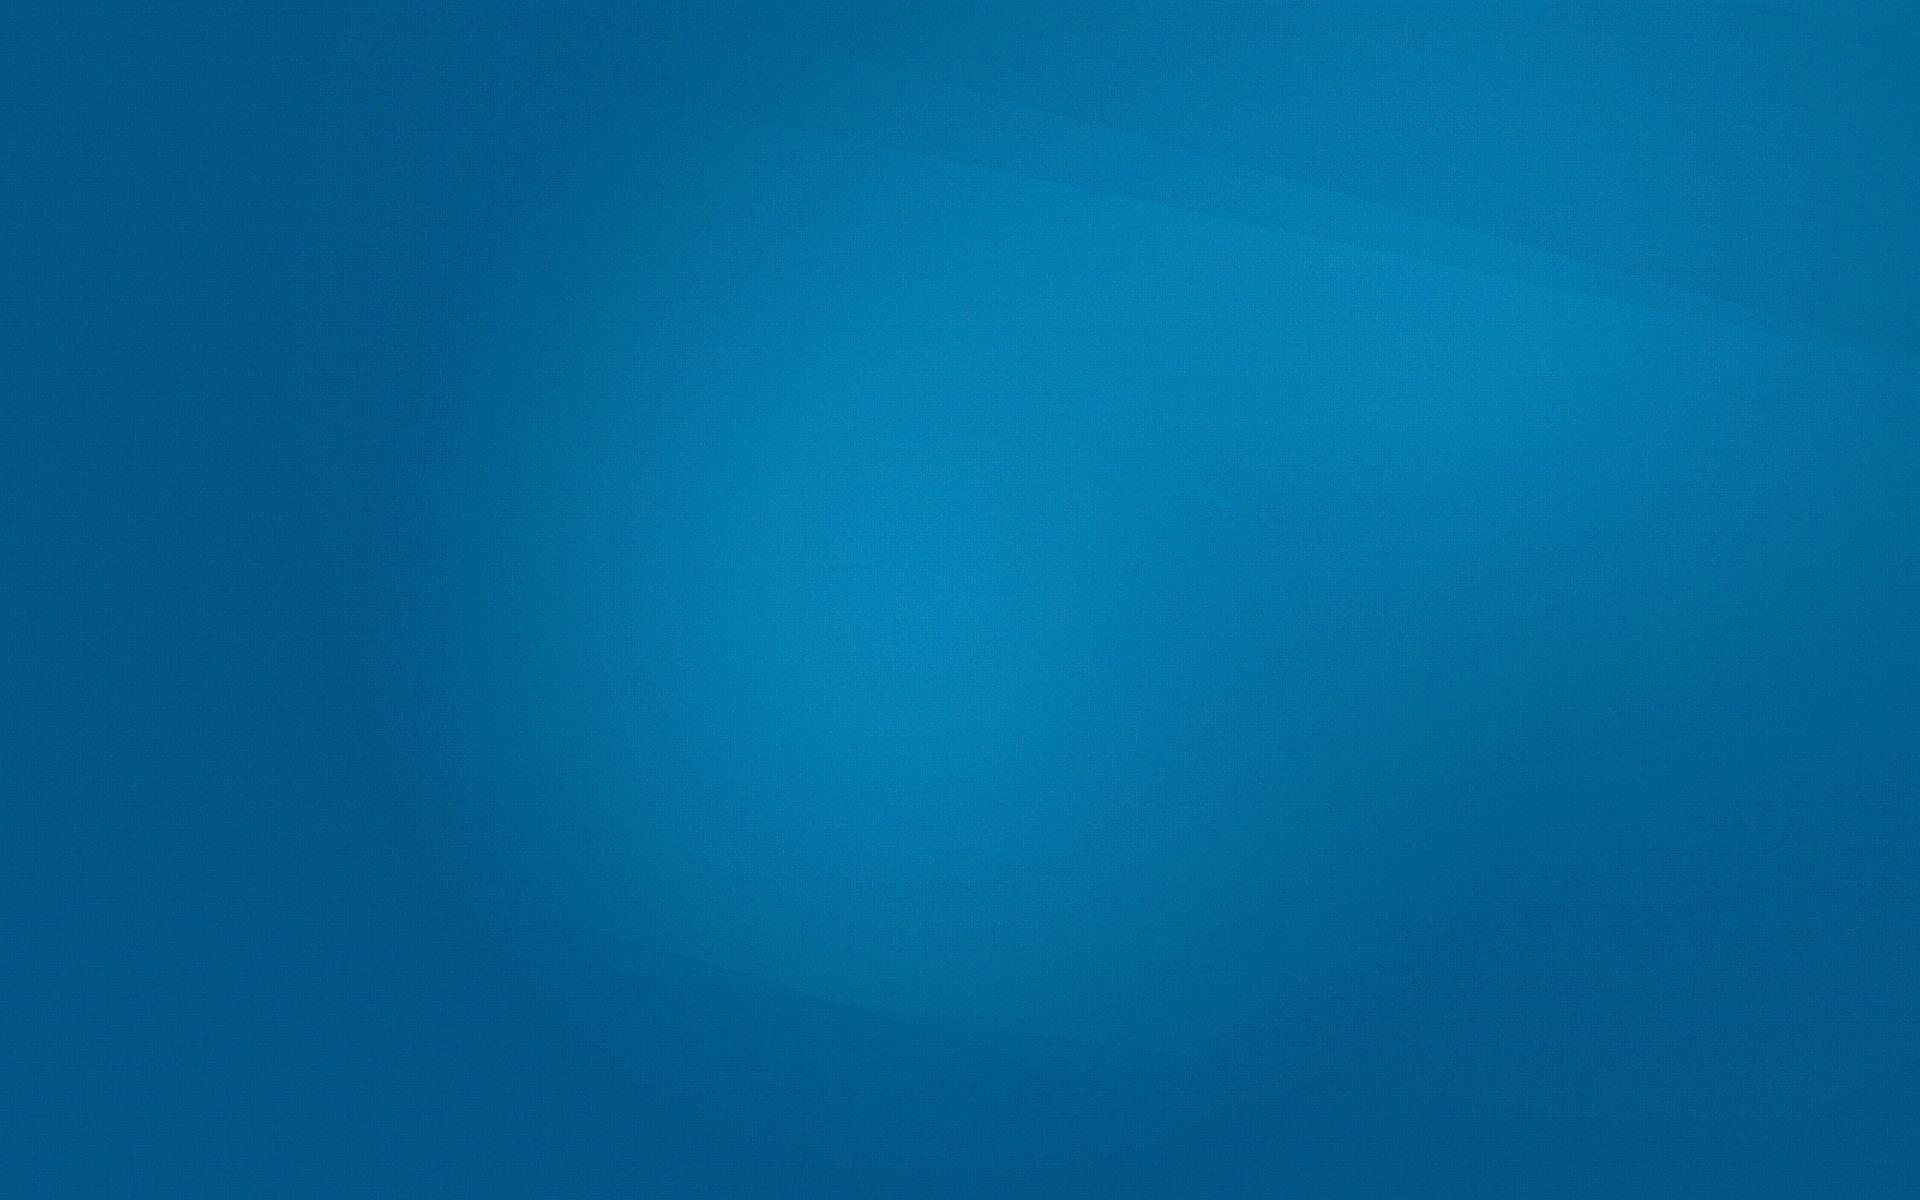 Clean Wallpapers HD | Pixels Talk